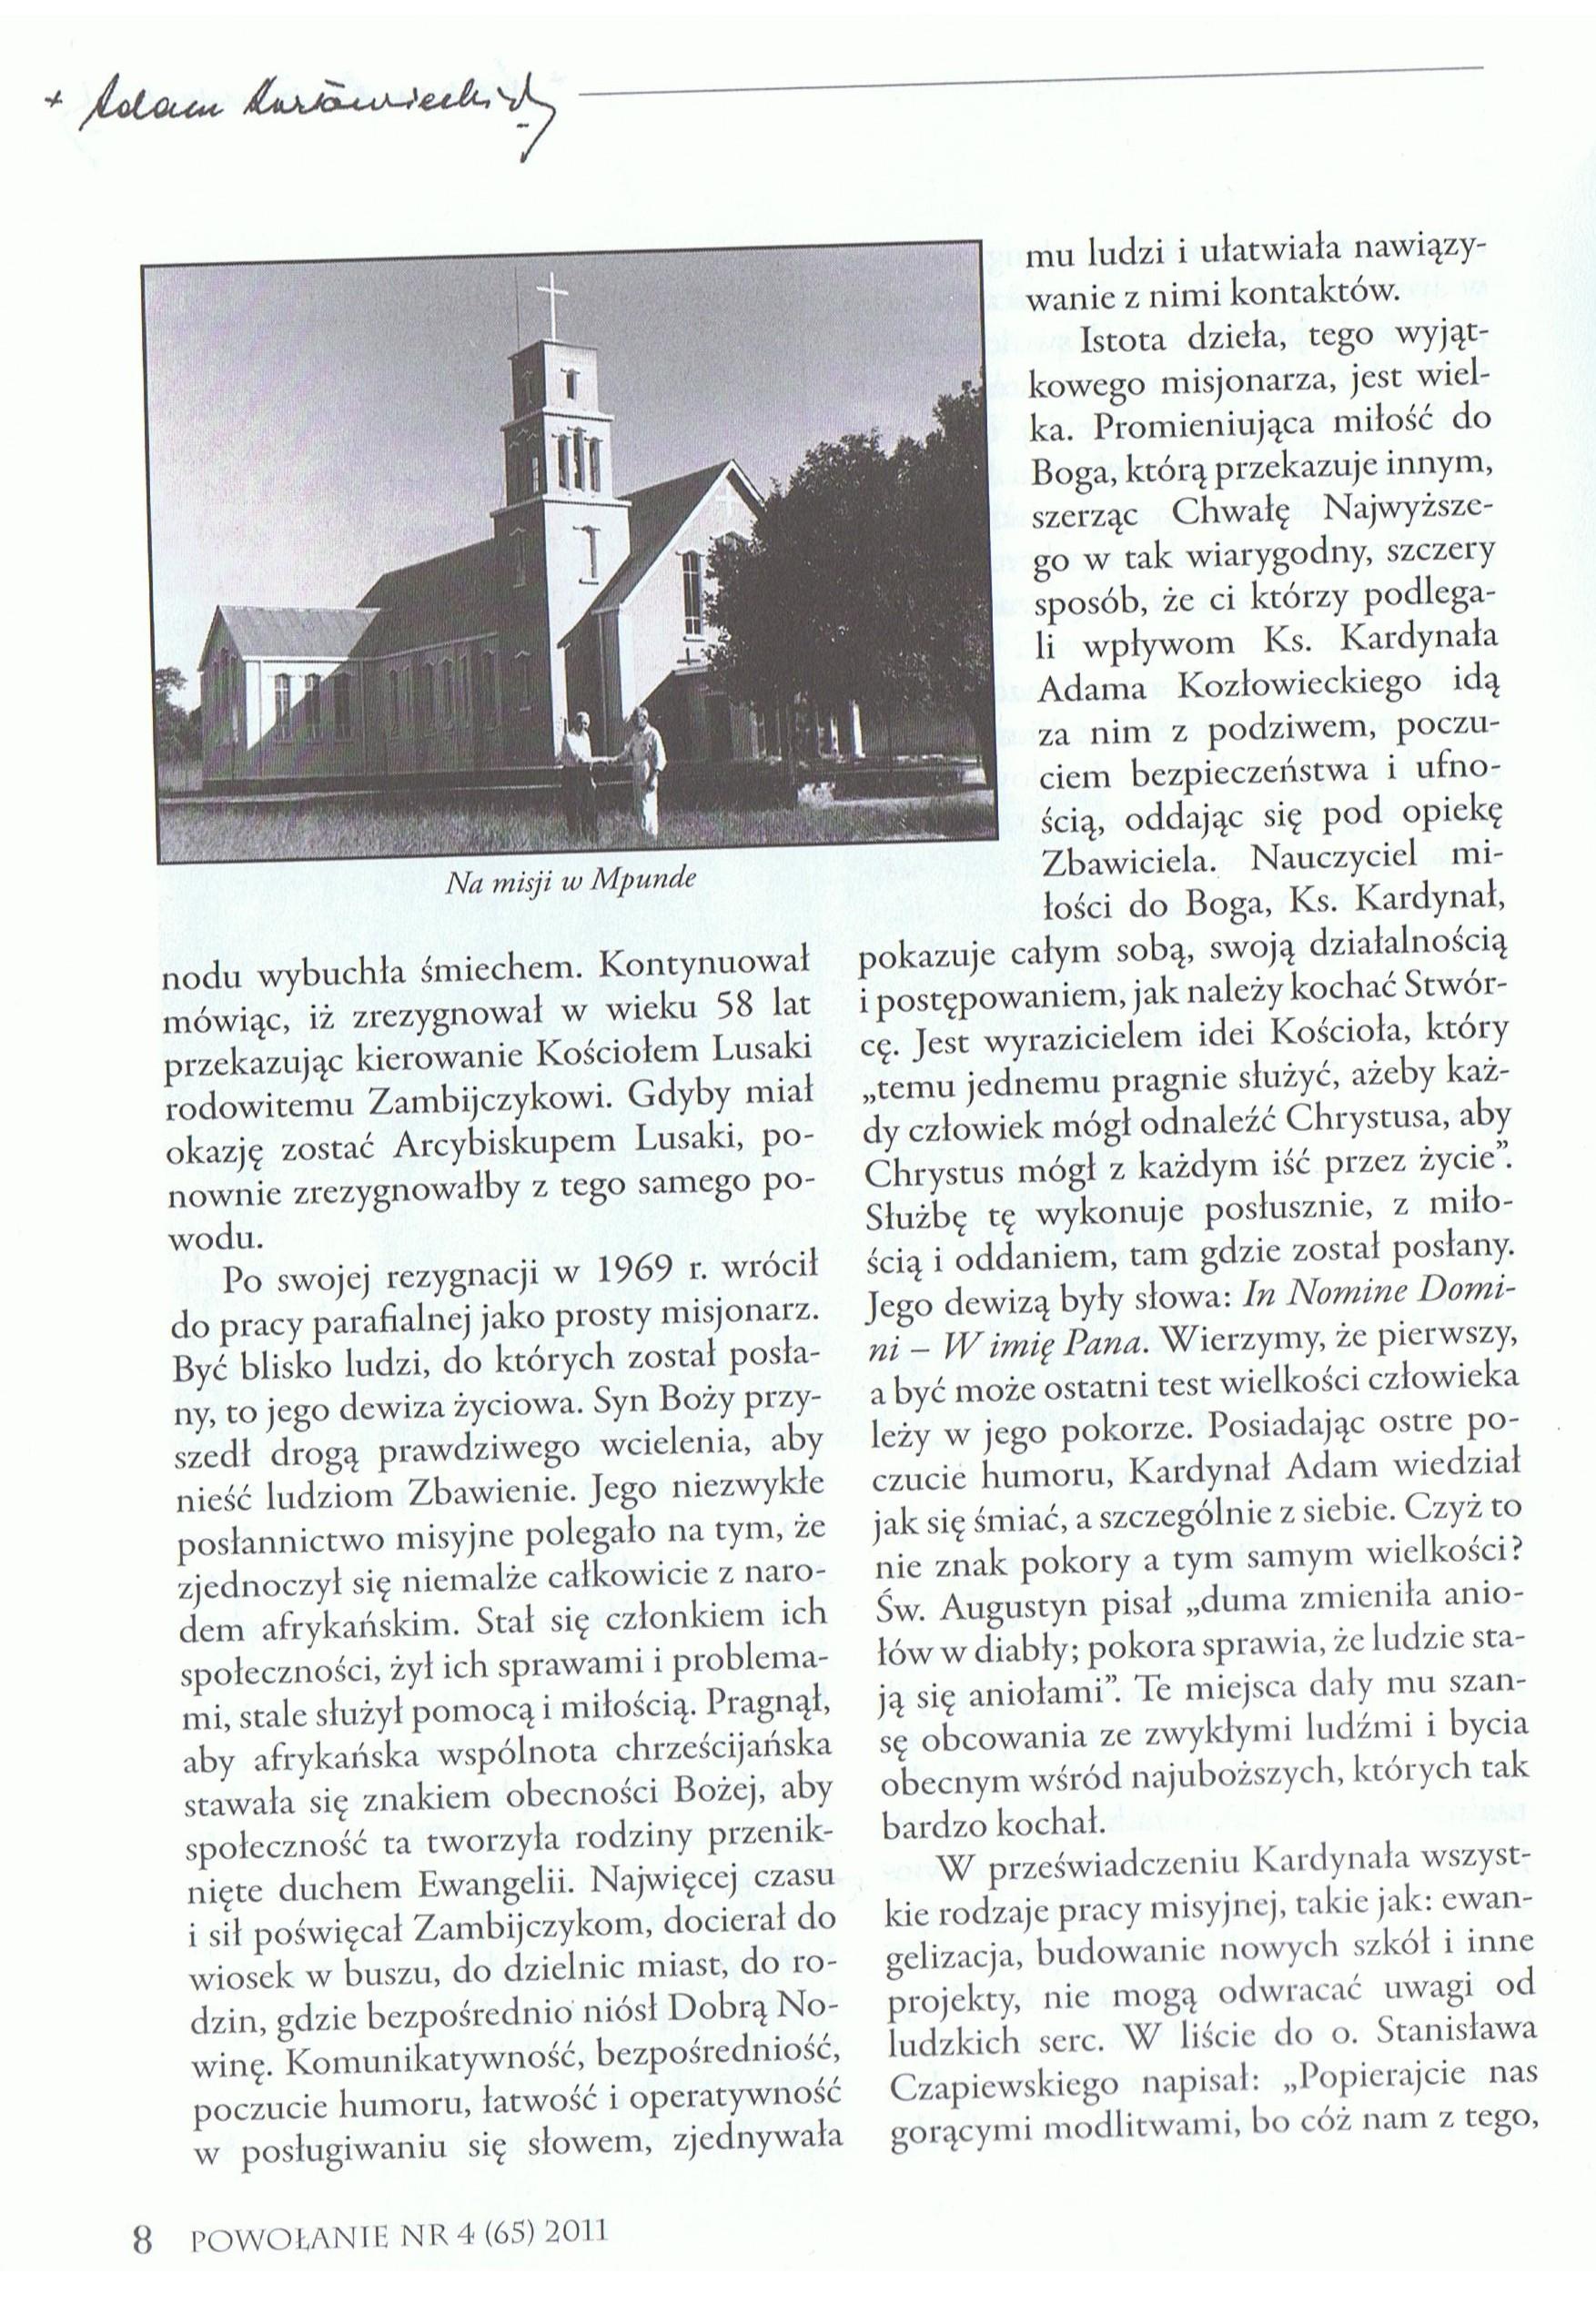 Powołanie, str. 12